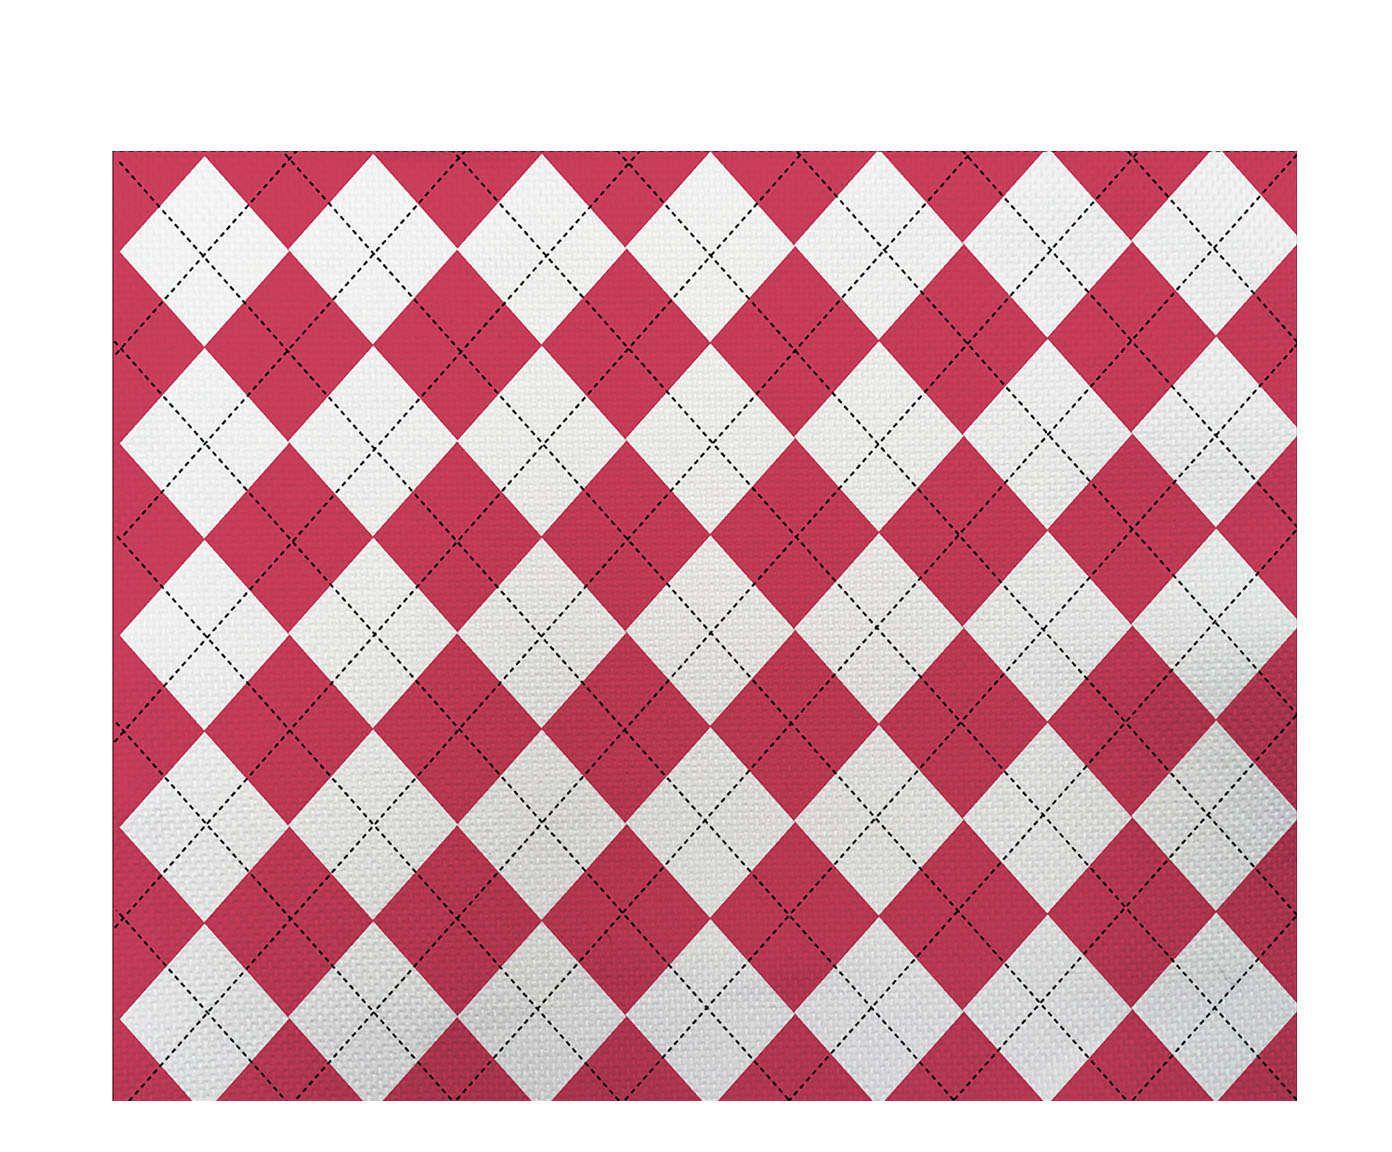 Lugar Americano Xadrez Rosa - 35x45cm   Westwing.com.br